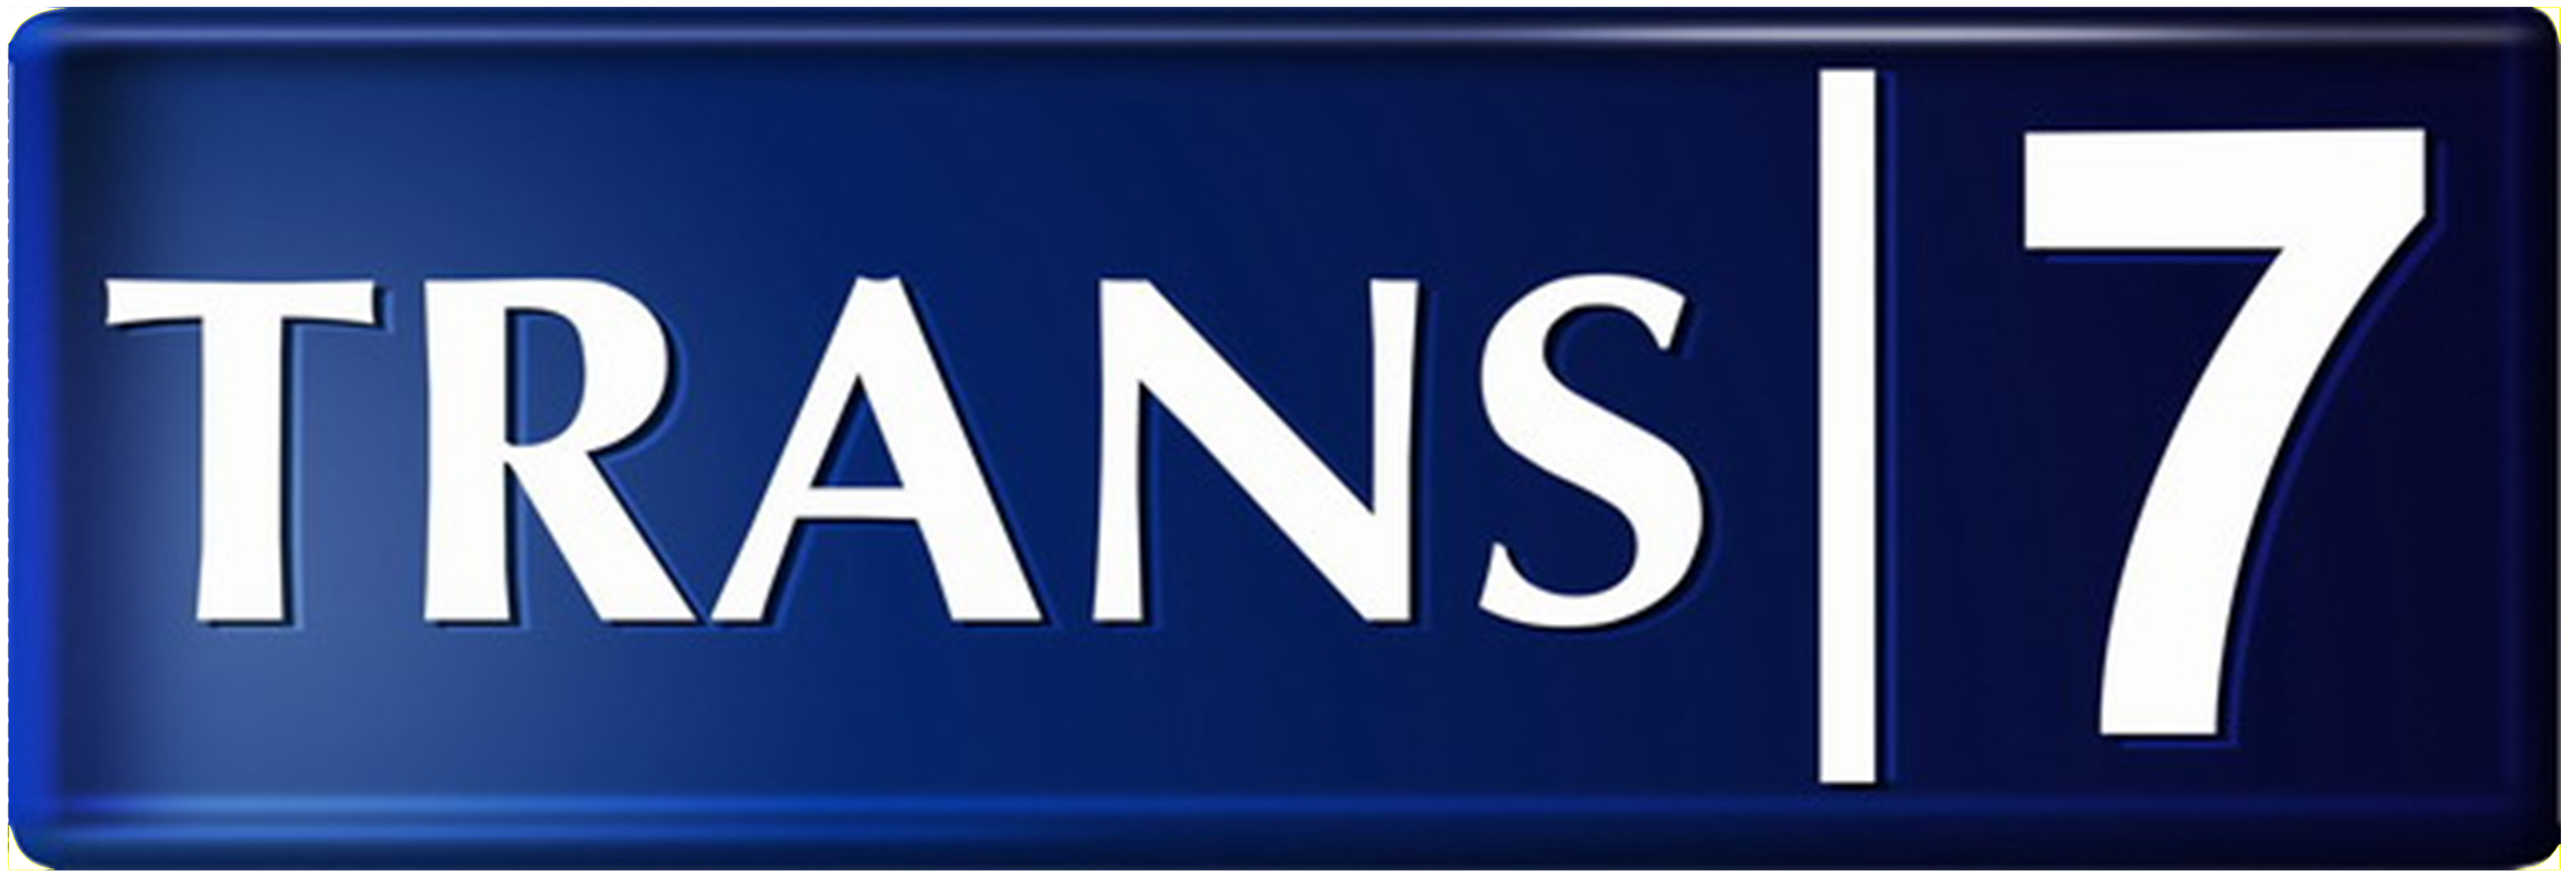 Acara-acara di Trans7 yang sering di iringi oleh lagu-lagu